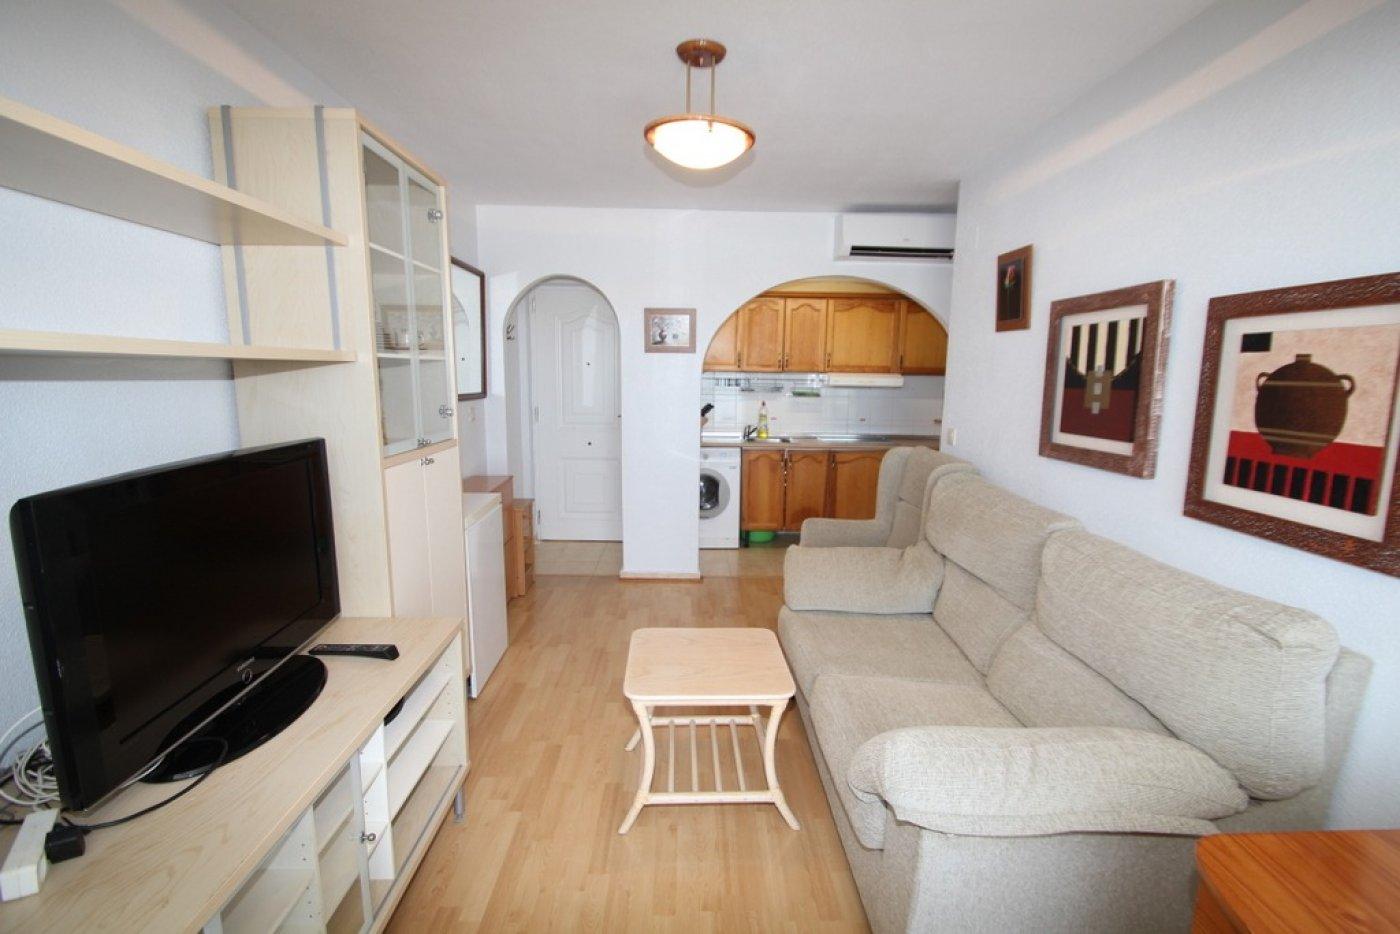 apartment en torrevieja · los-balcones 390€